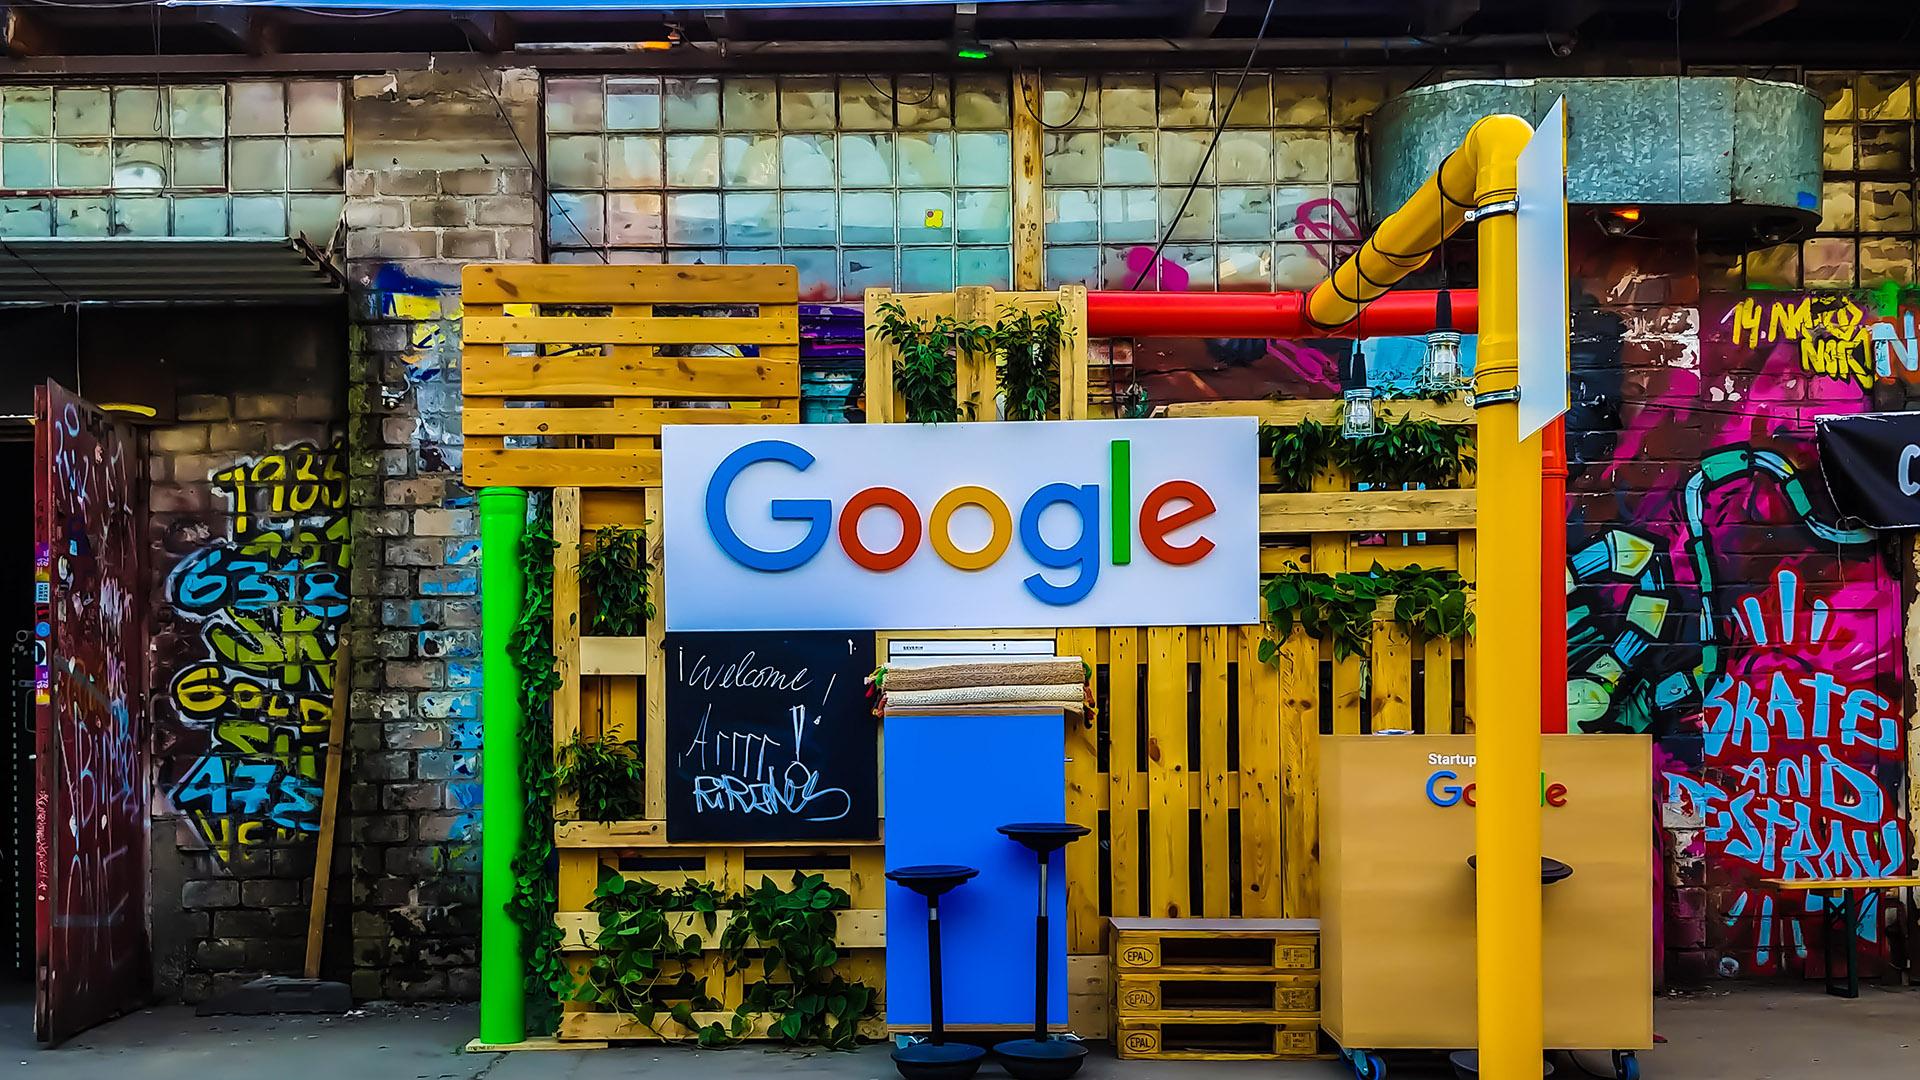 Project Bernanke : une nouvelle affaire amène Google devant la justice